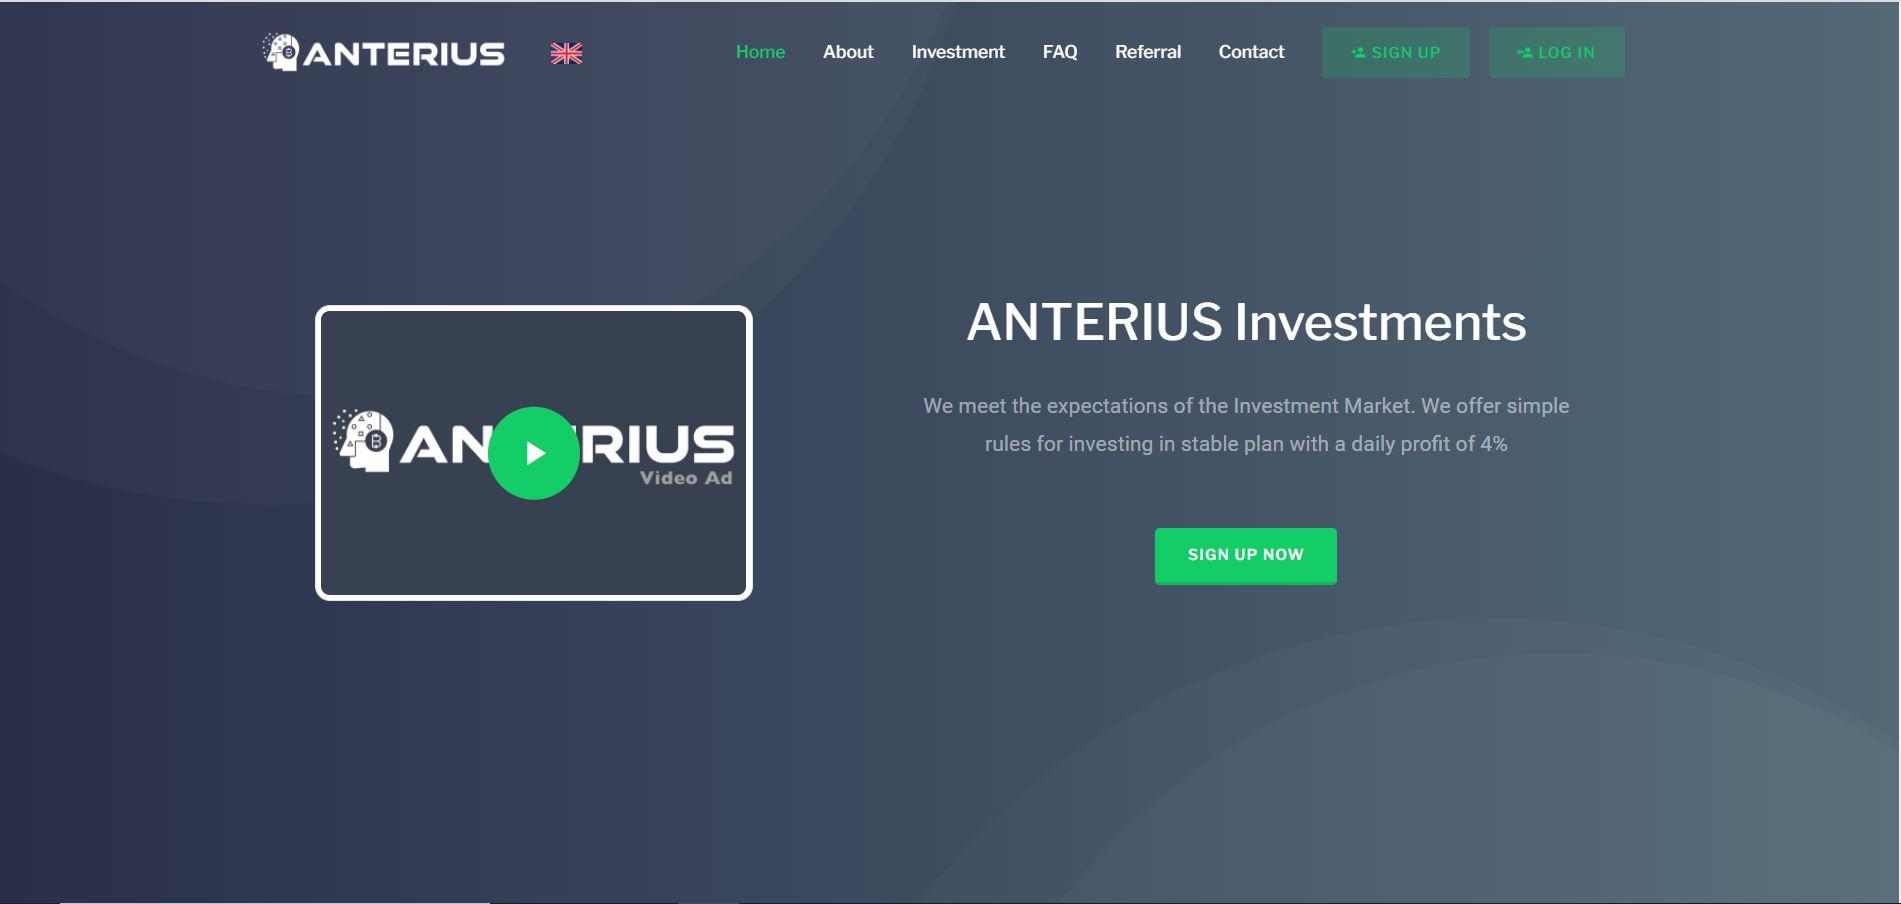 کلاهبرداری شرکت آنتریوس